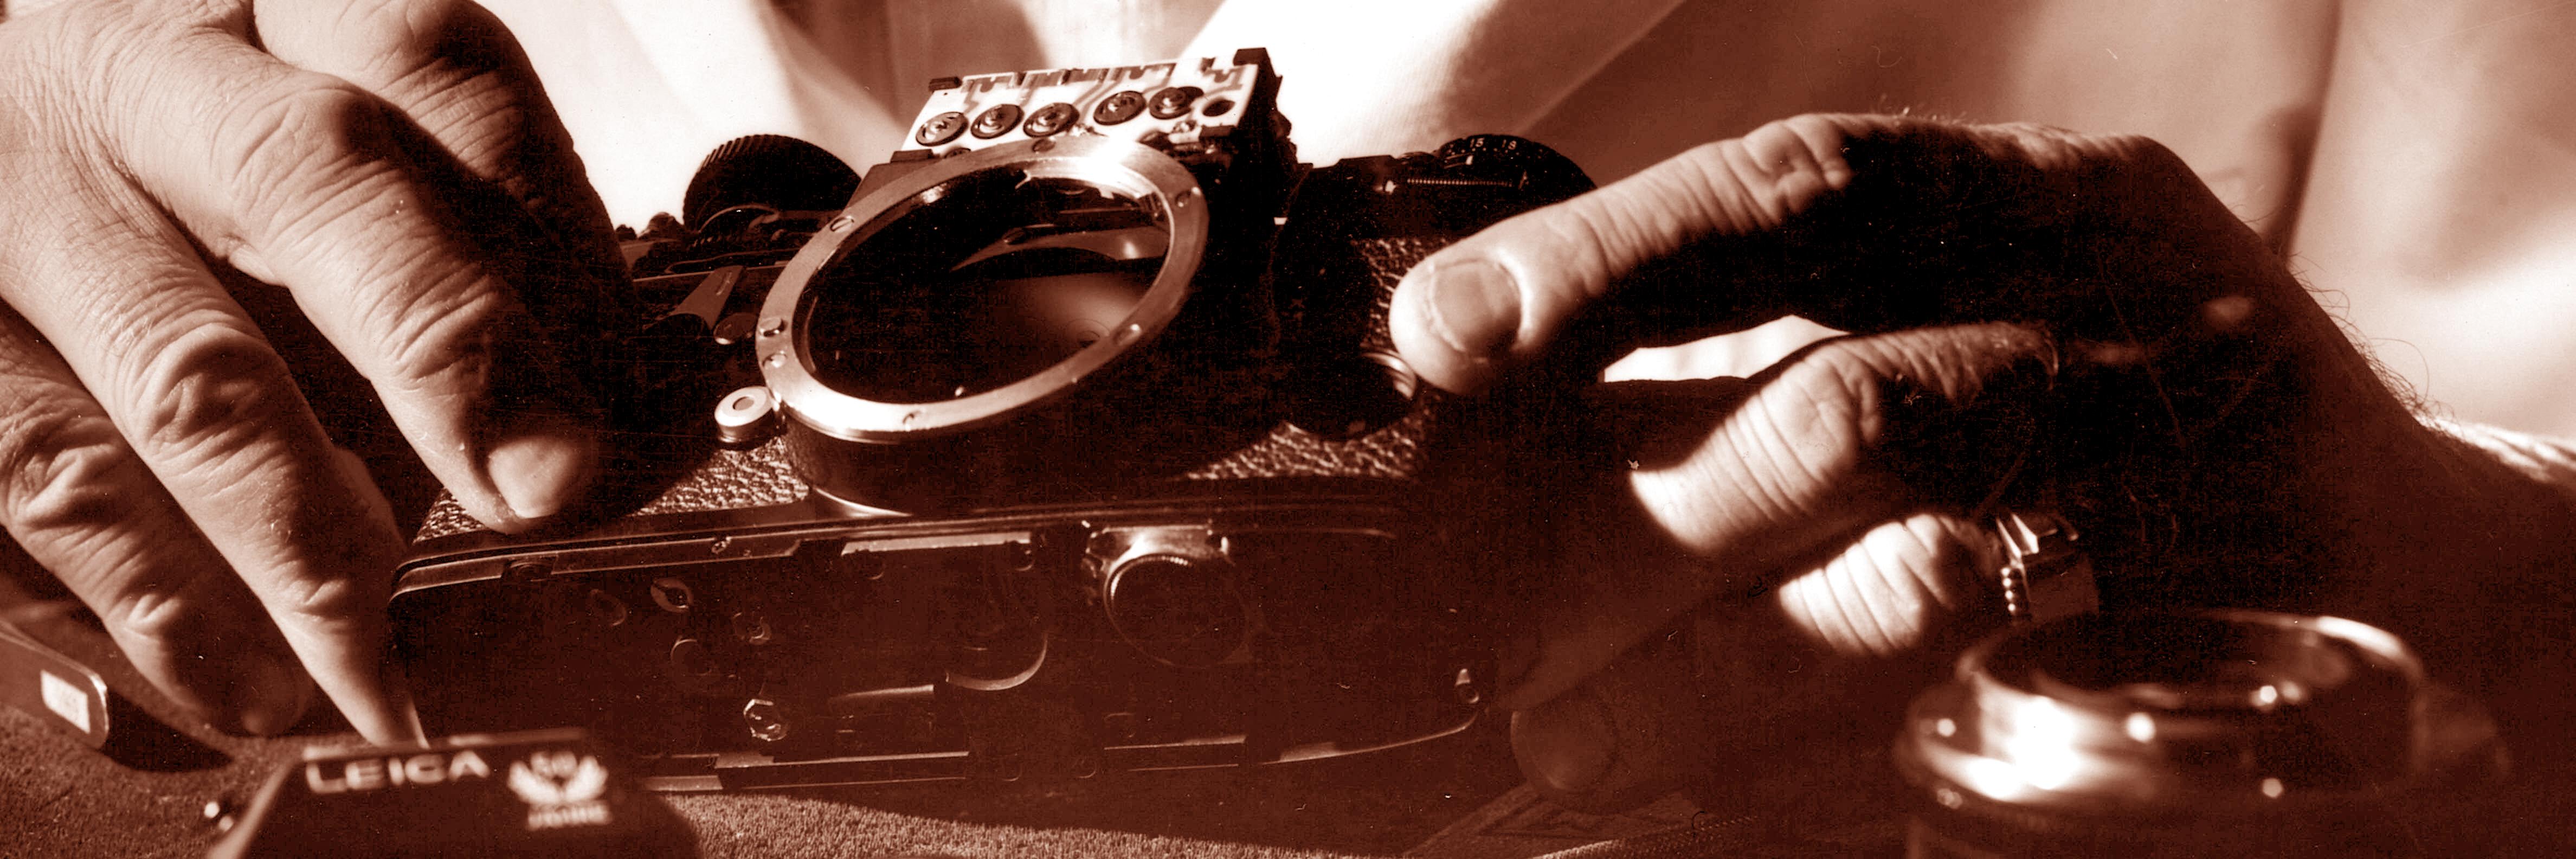 Din kamera är i säkra händer